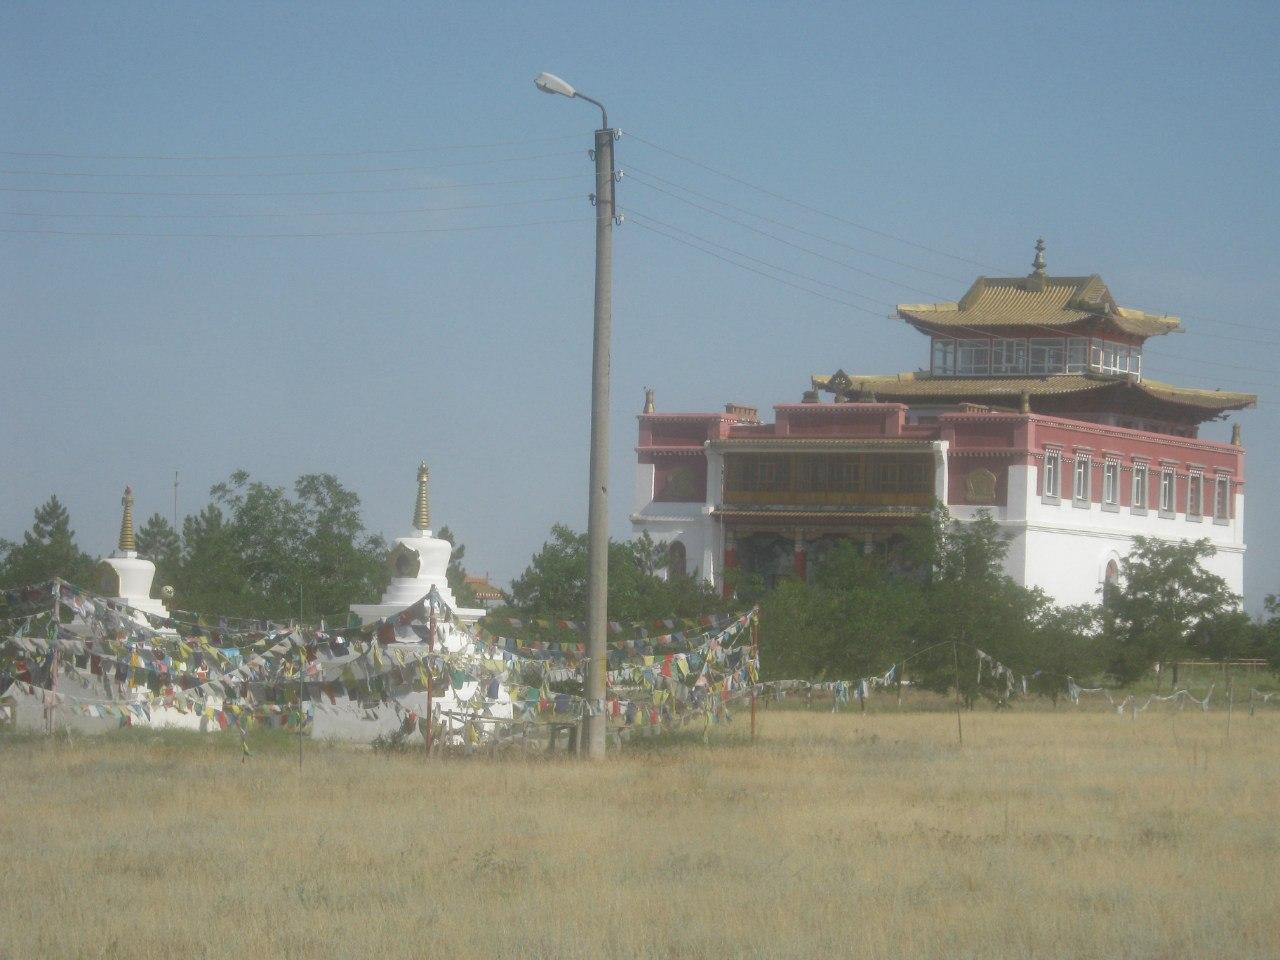 Бывший главный хурул (храм) в Элисте